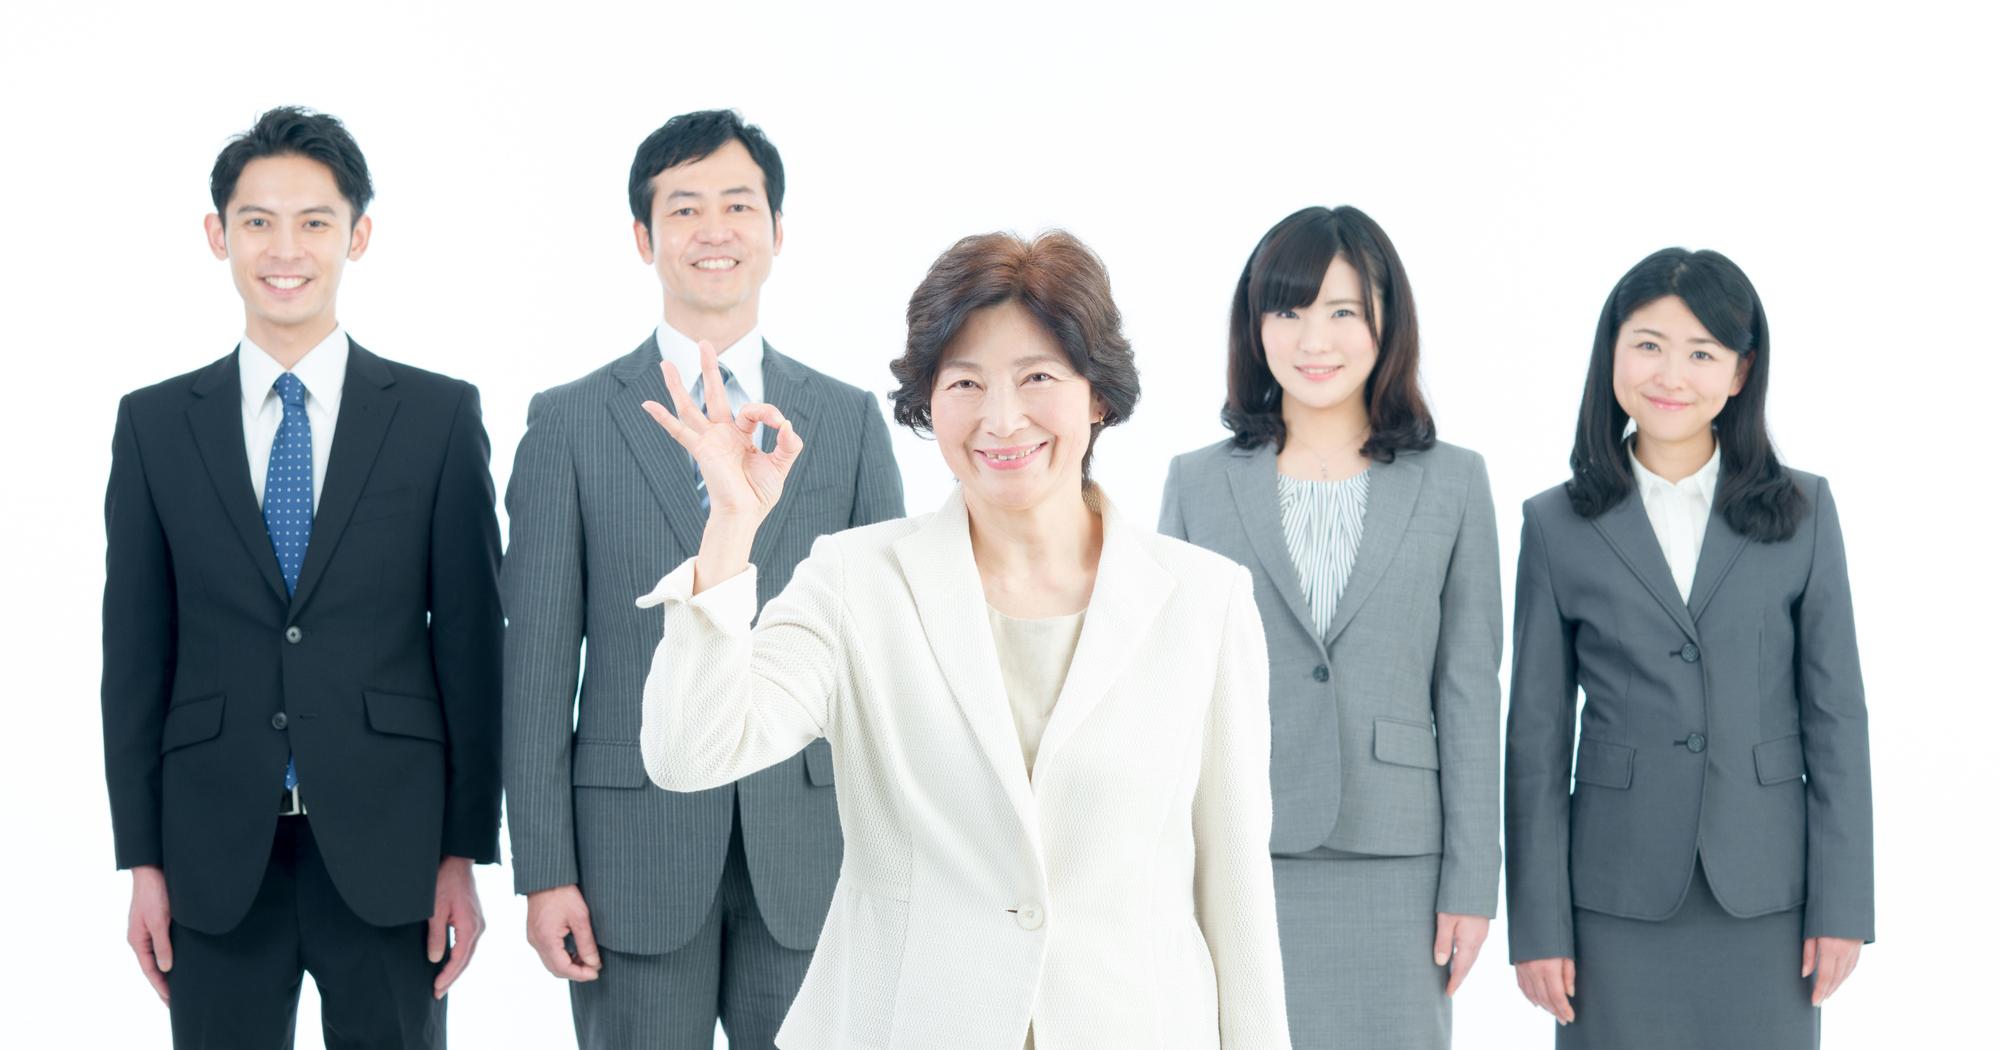 「上場企業で女性役員1人登用」に意味はあるか